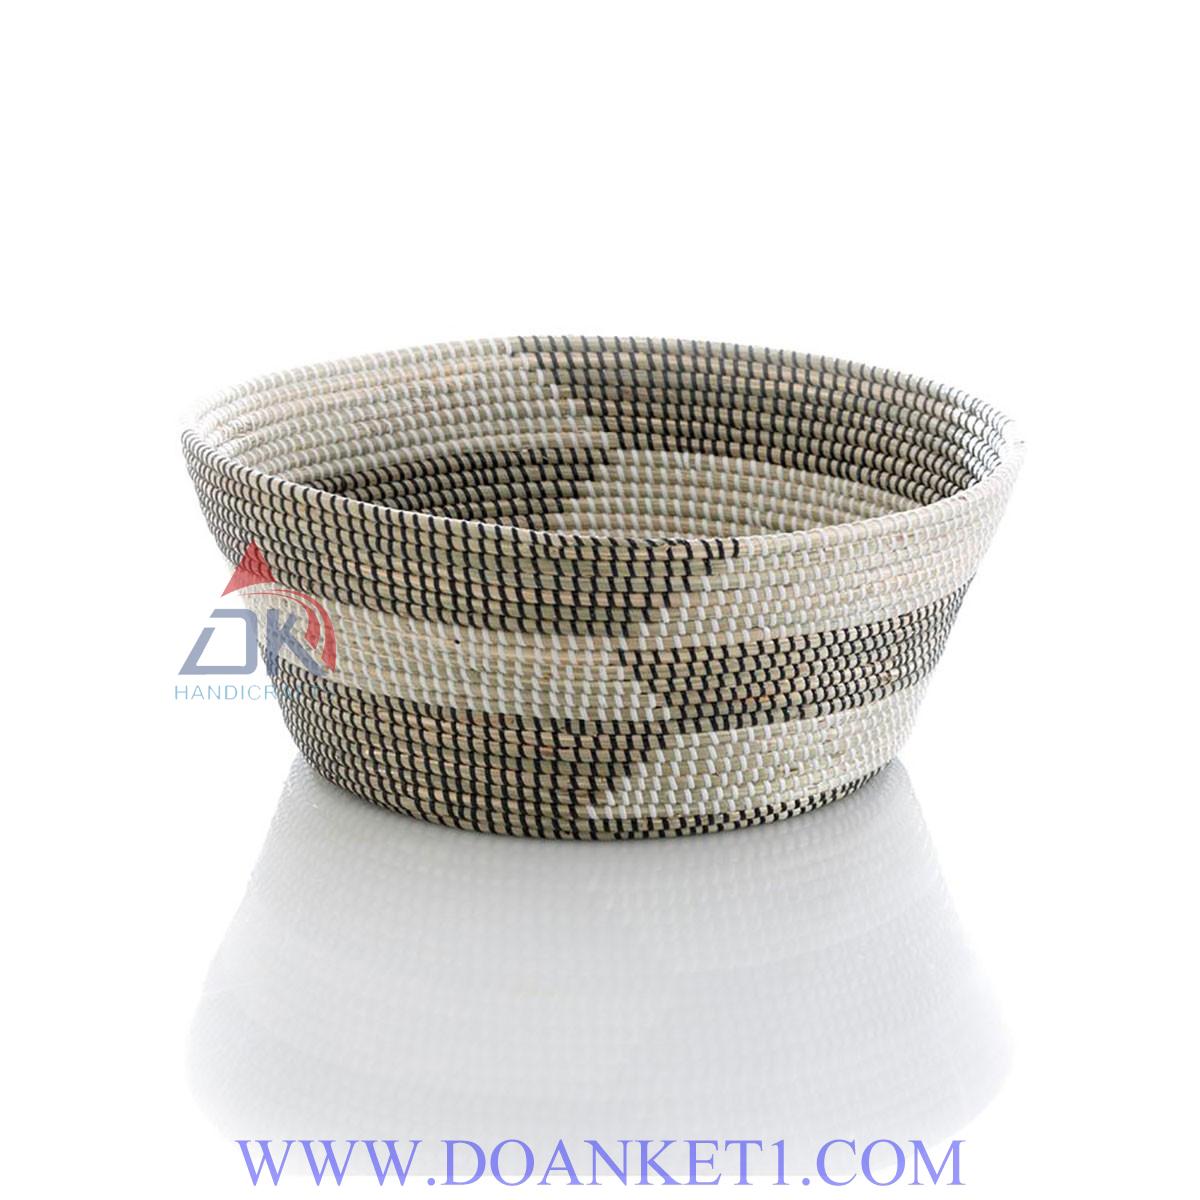 Seagrass Basket # DK180